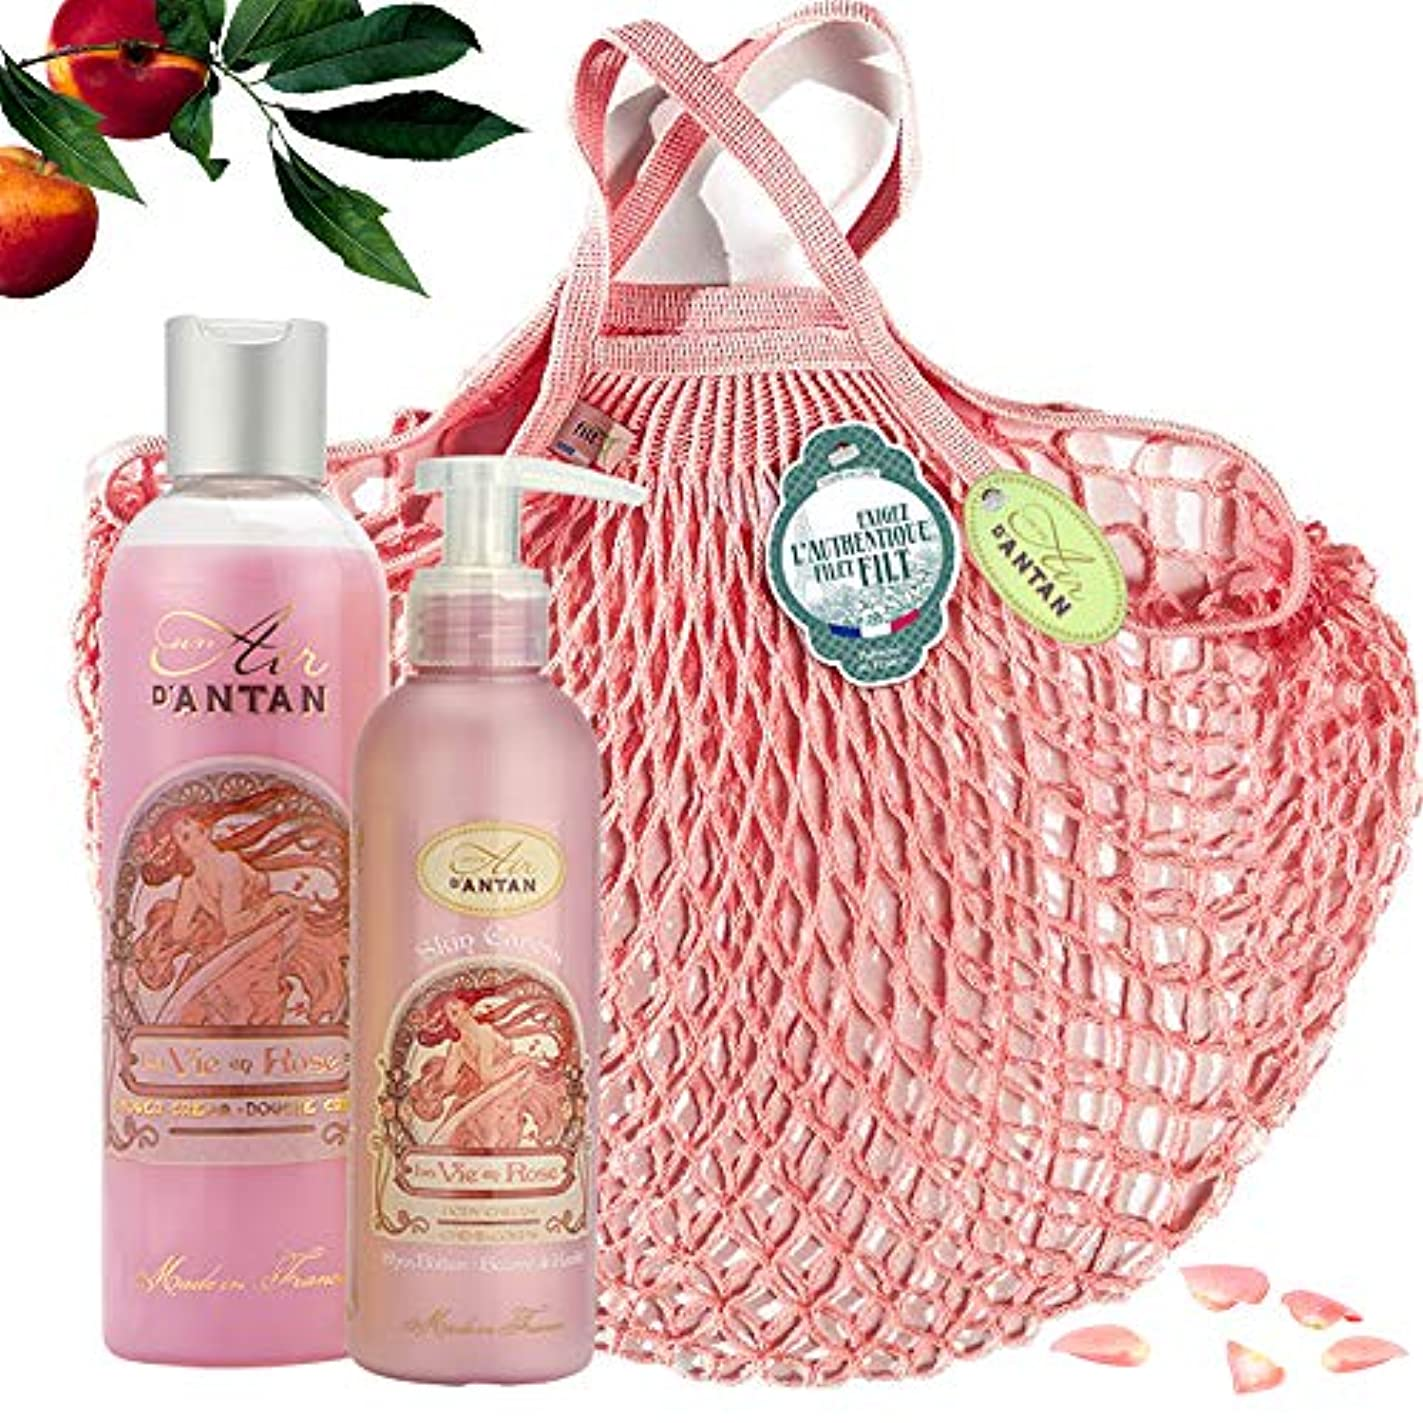 統計的イサカ航海ROSE Woman Beauty Set - ロトデュオバス&ネットフィットケア:1シャワージェル250ml、1ボディローションモイスチャライザー200ml - ピンクの香水、ピーチ、パチョリ - 記念日のギフトのアイデア、フランス製